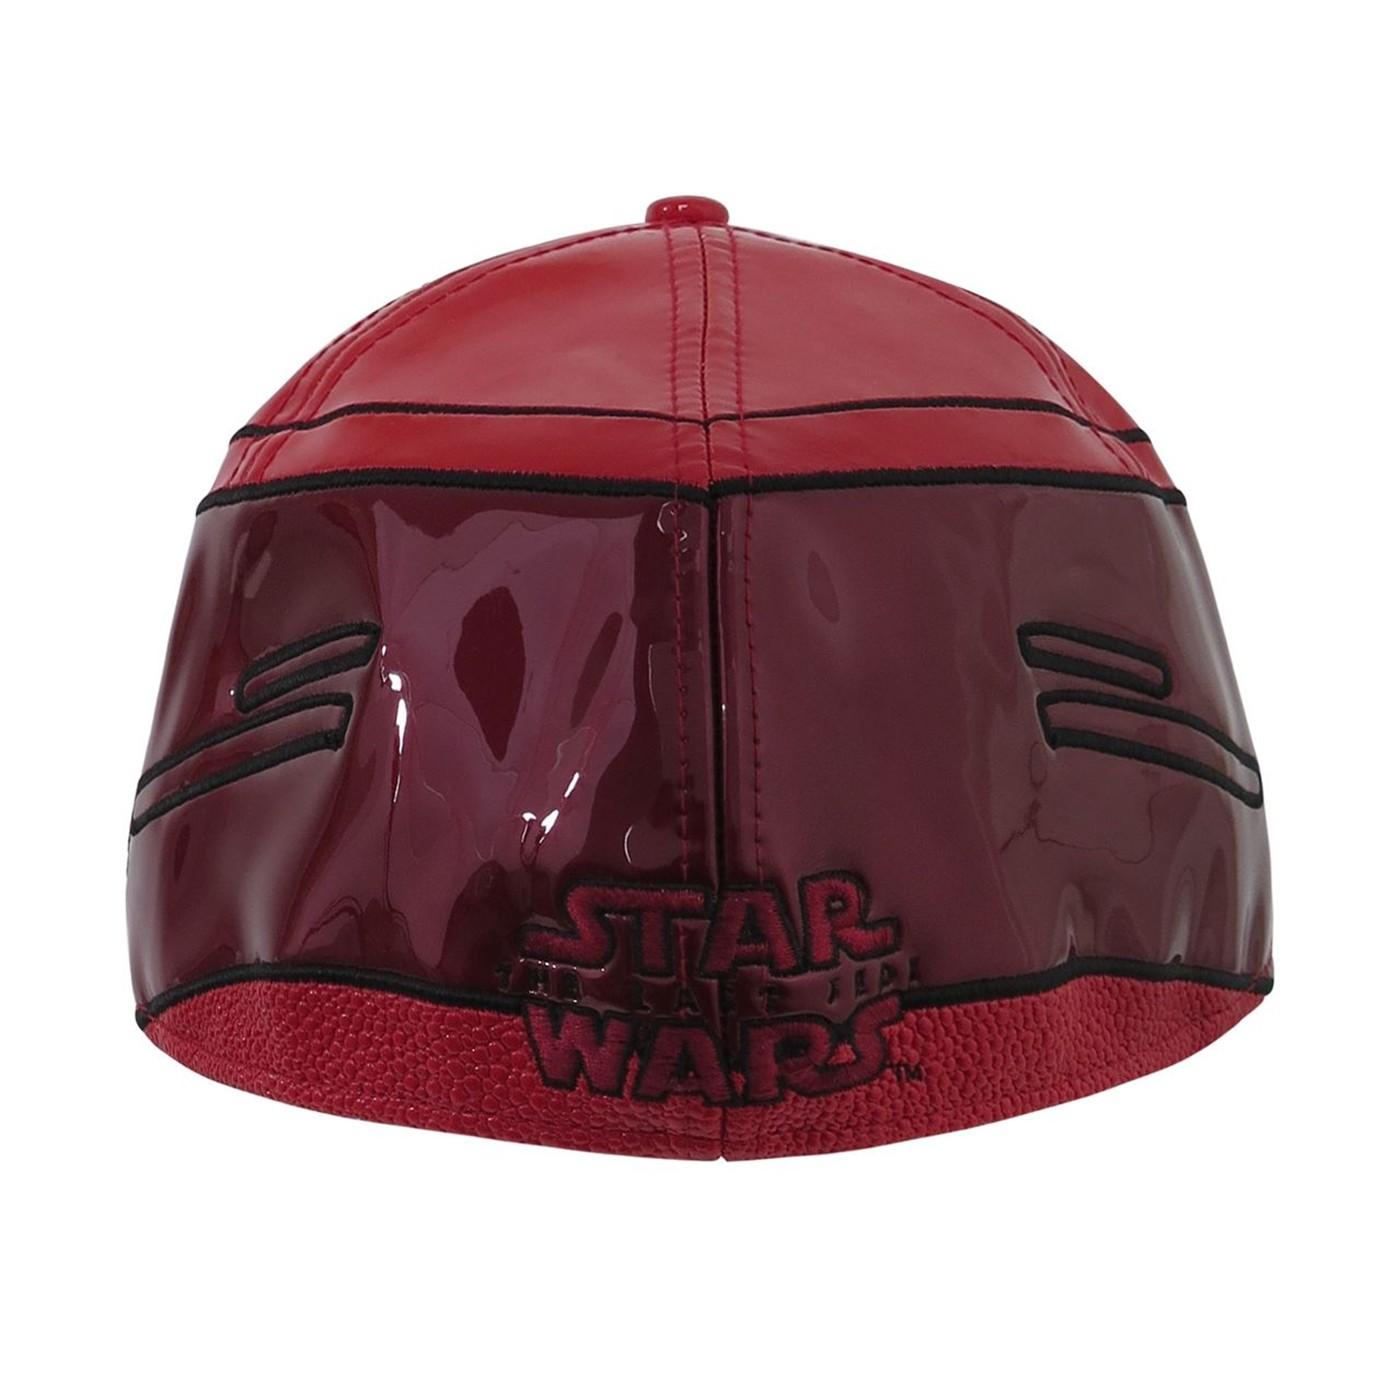 Star Wars Last Jedi Praetorian Guard Armor 59Fifty Hat